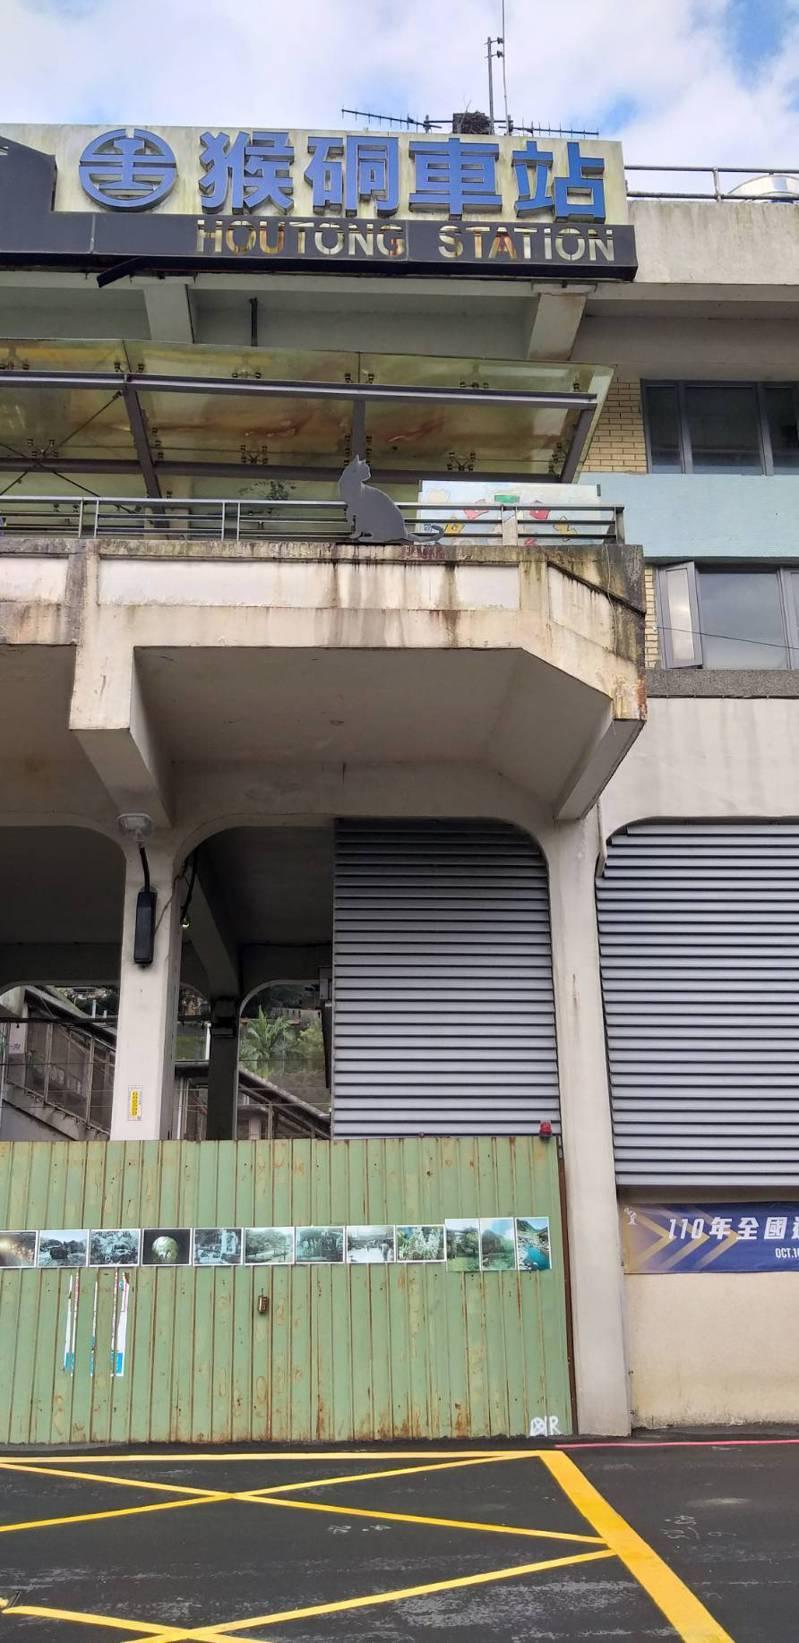 台鐵猴硐路段軌道邊坡崩塌,瑞芳站到猴硐站間鐵路運輸中斷,猴硐商家災後生意慘淡。記者邱瑞杰/攝影